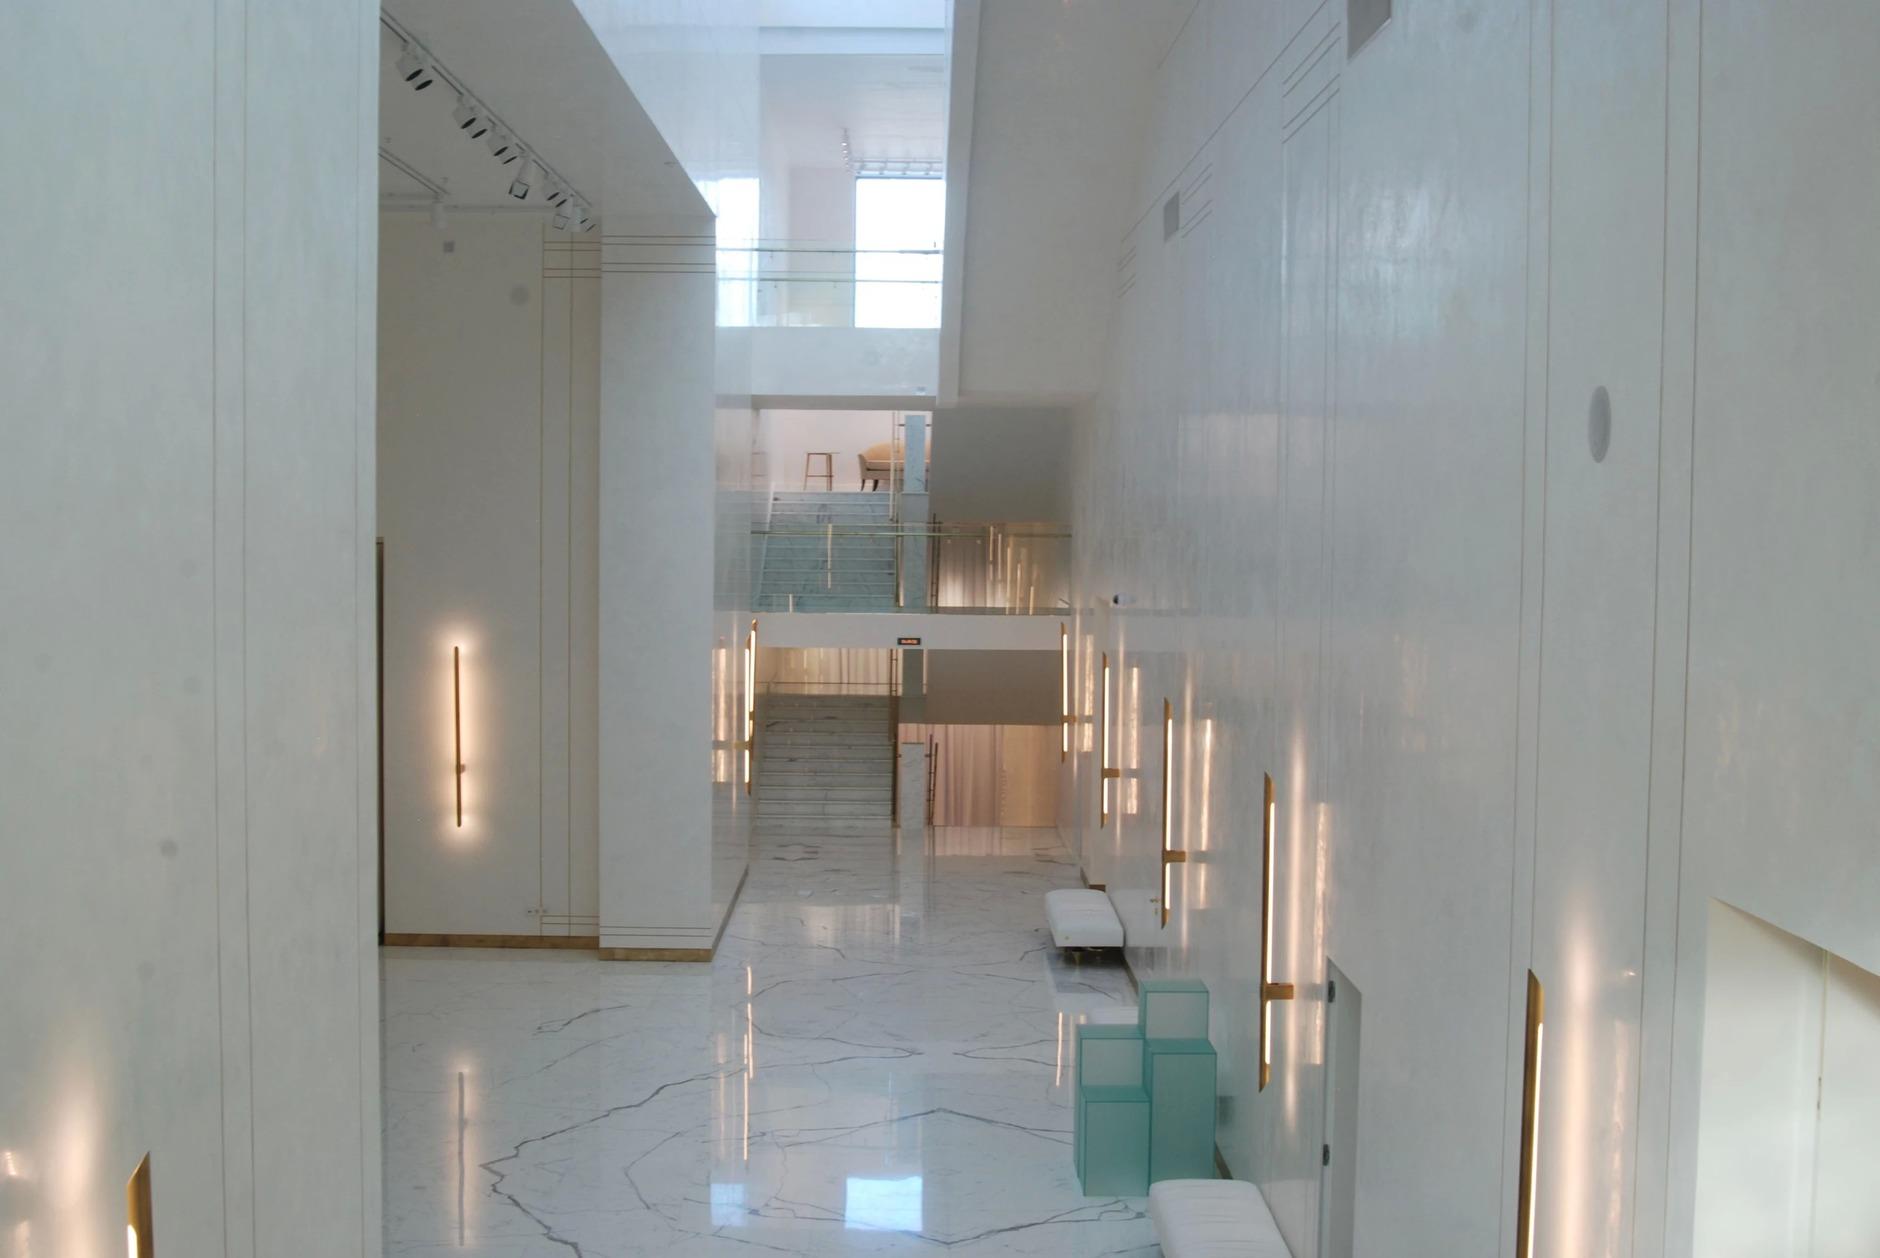 Рикардо Бофилл: самый известный архитектор постмодернизма (галерея 39, фото 1)